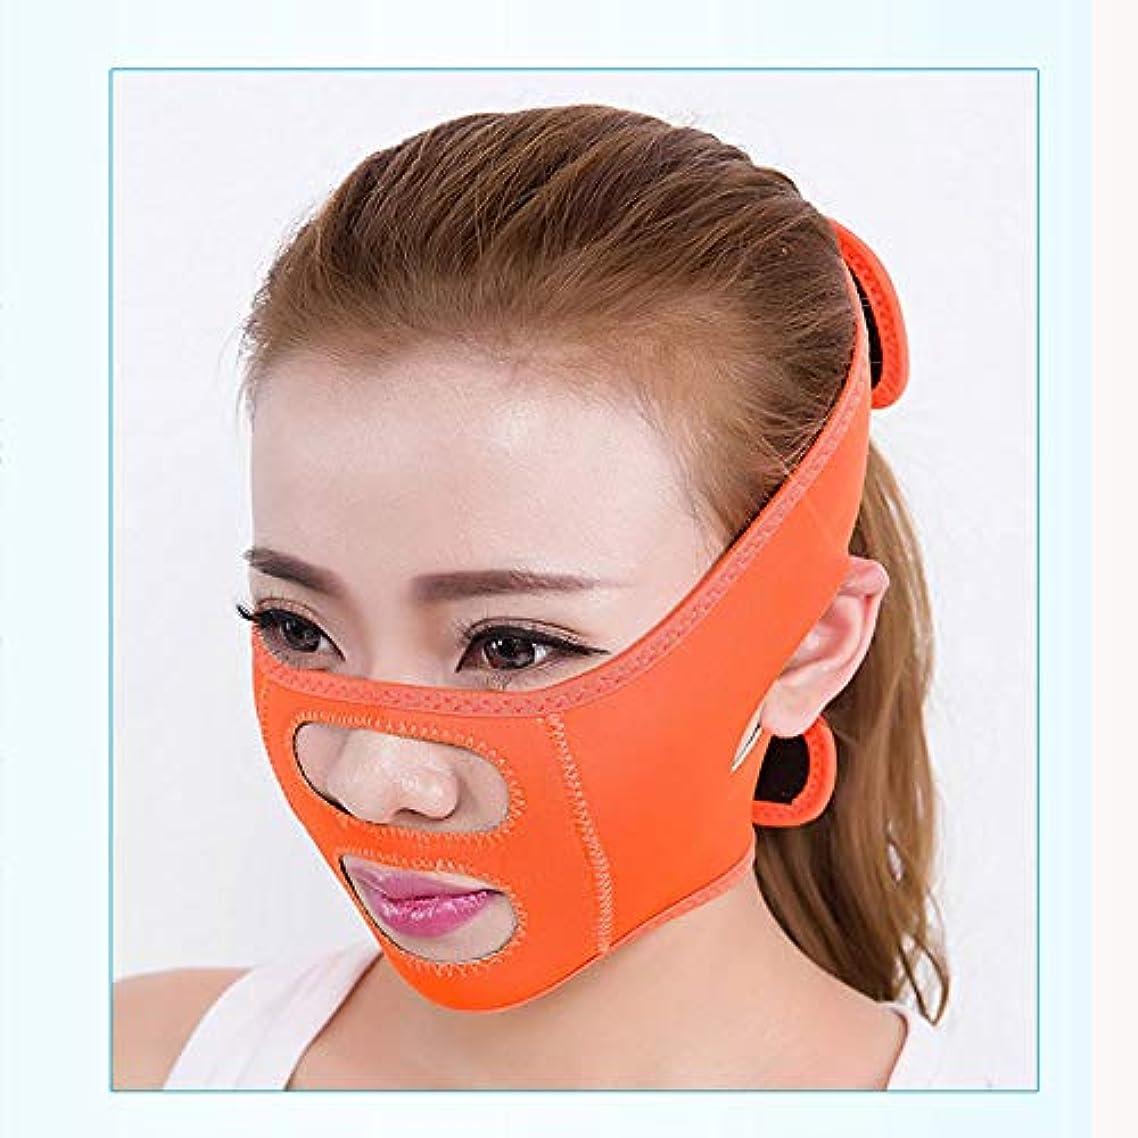 神スライス見物人スモールVフェイス睡眠薄い顔ベルト、引き締めと薄い顔の強力な持ち上がる二重あご顔修正包帯,Orange